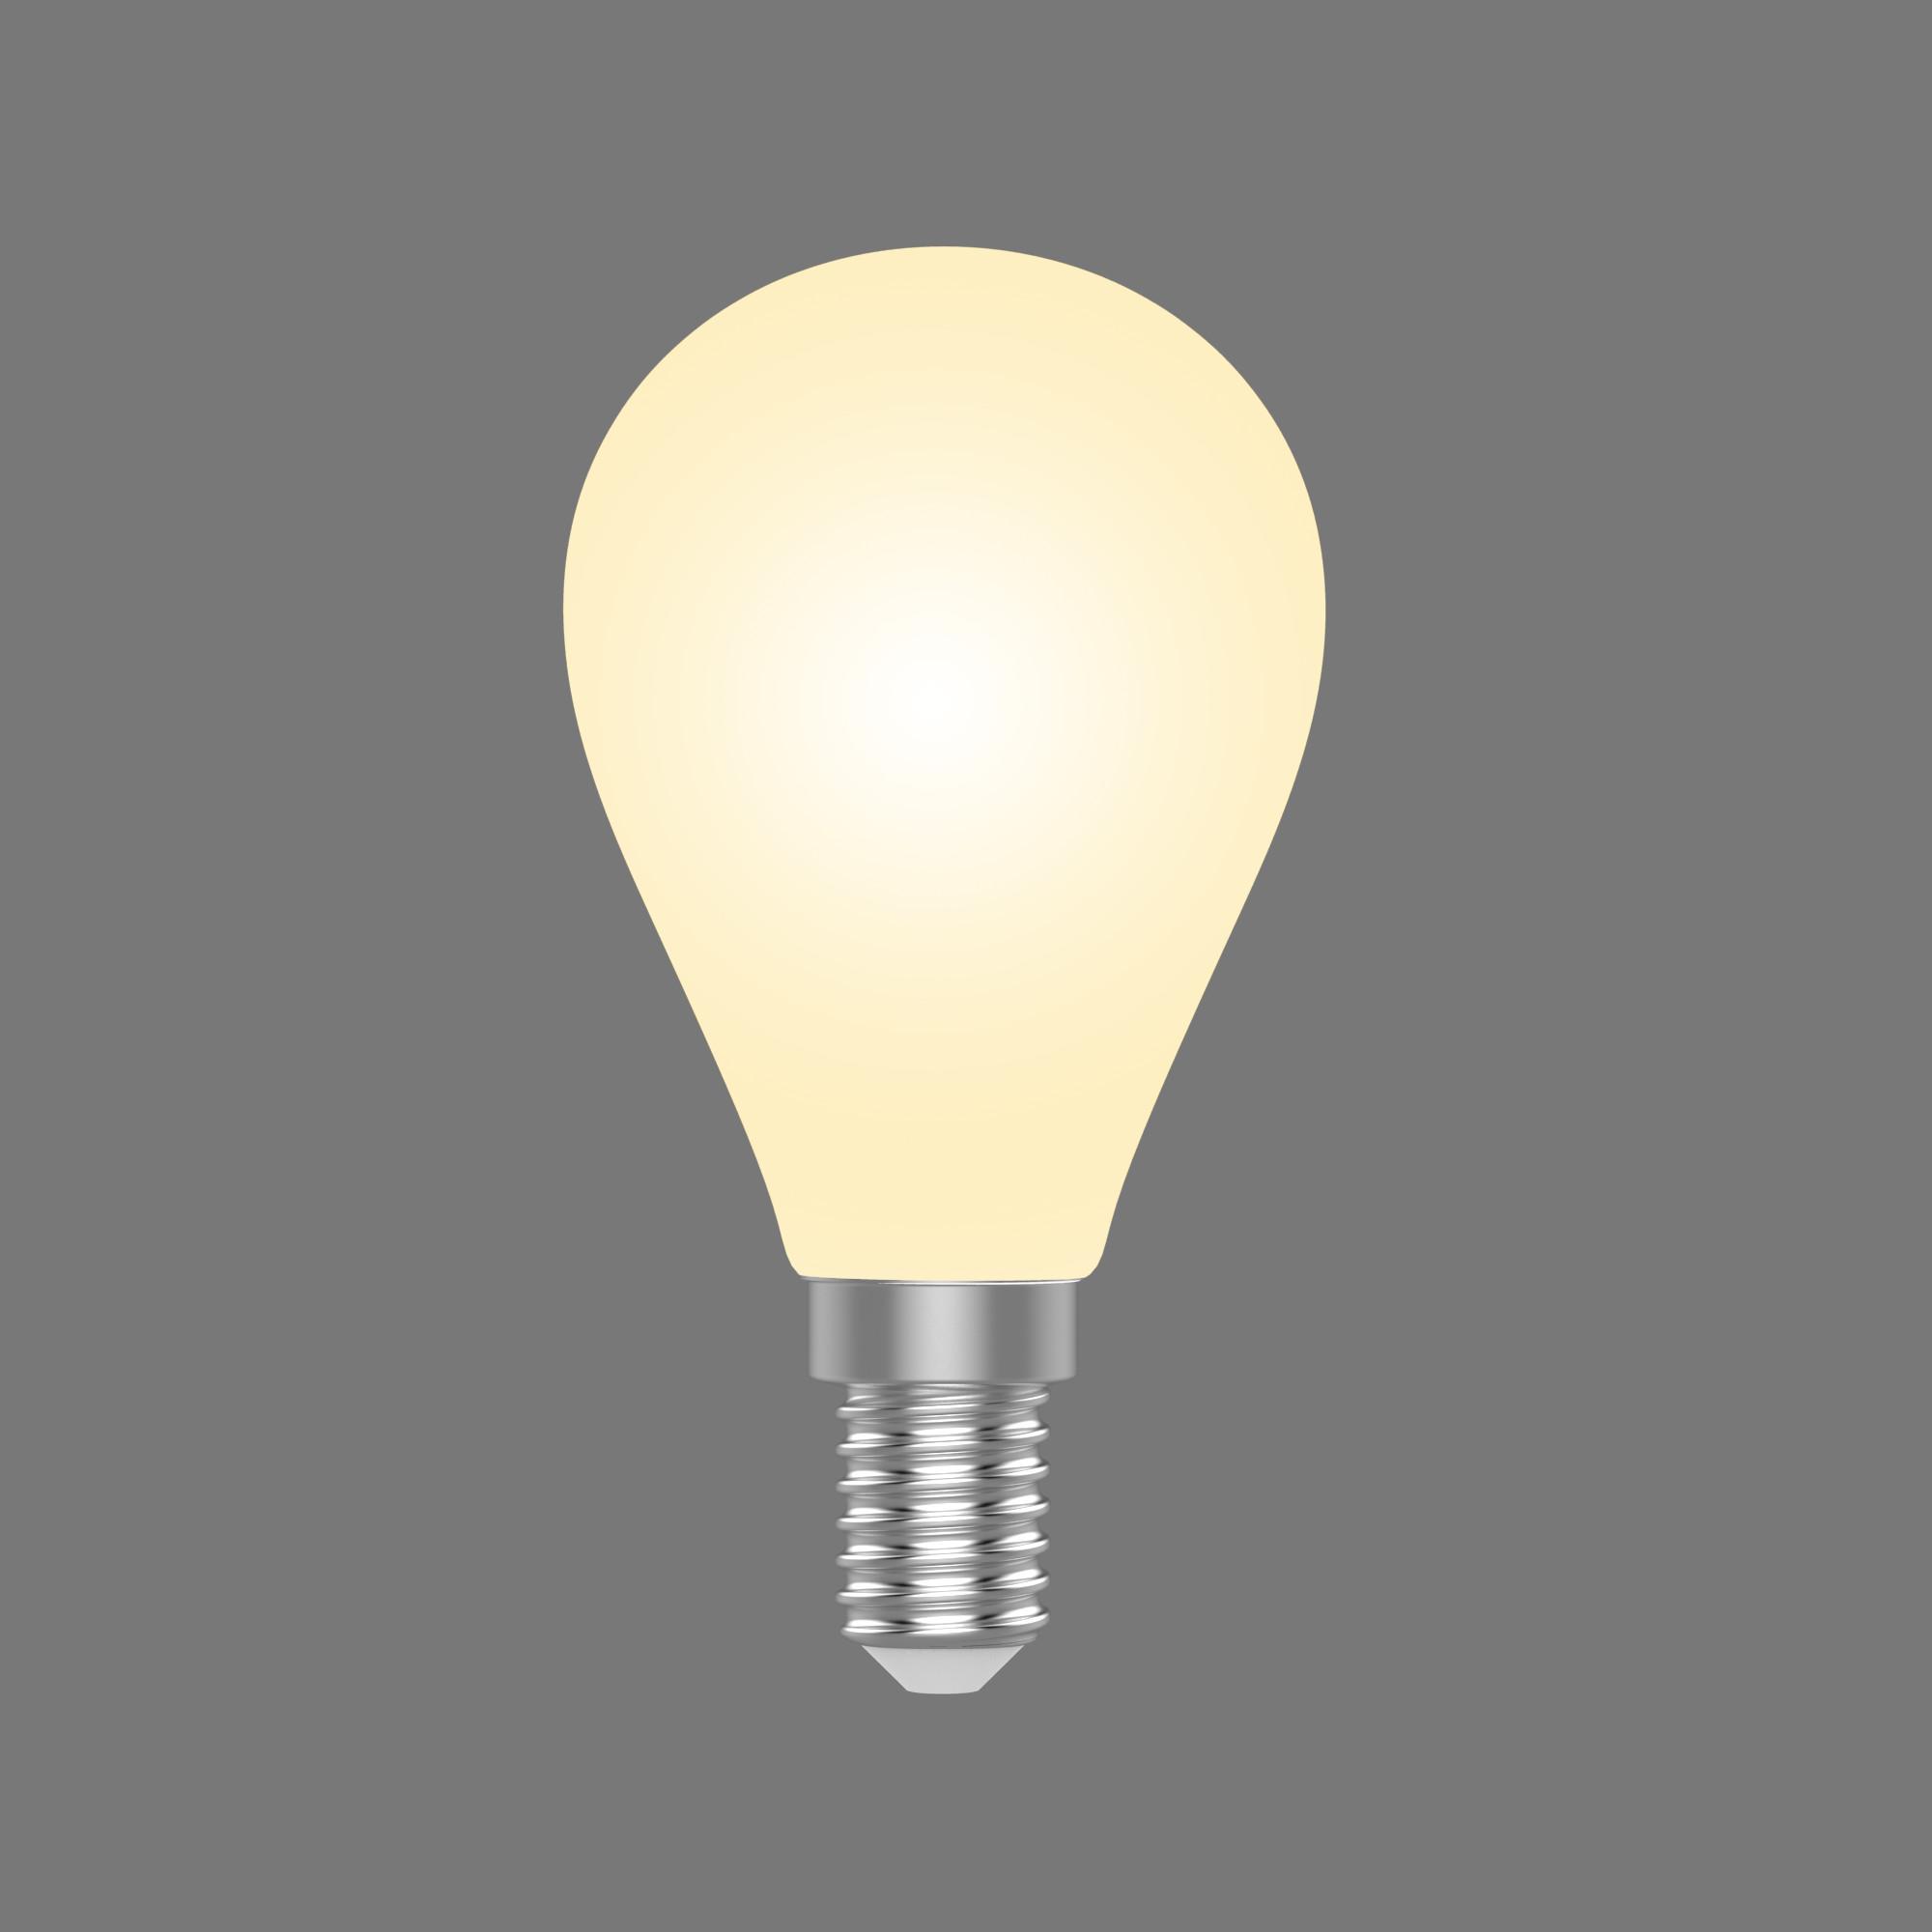 Лампа светодиодная Gauss E14 220 В 4.5 Вт шар 380 лм свет тёплый белый